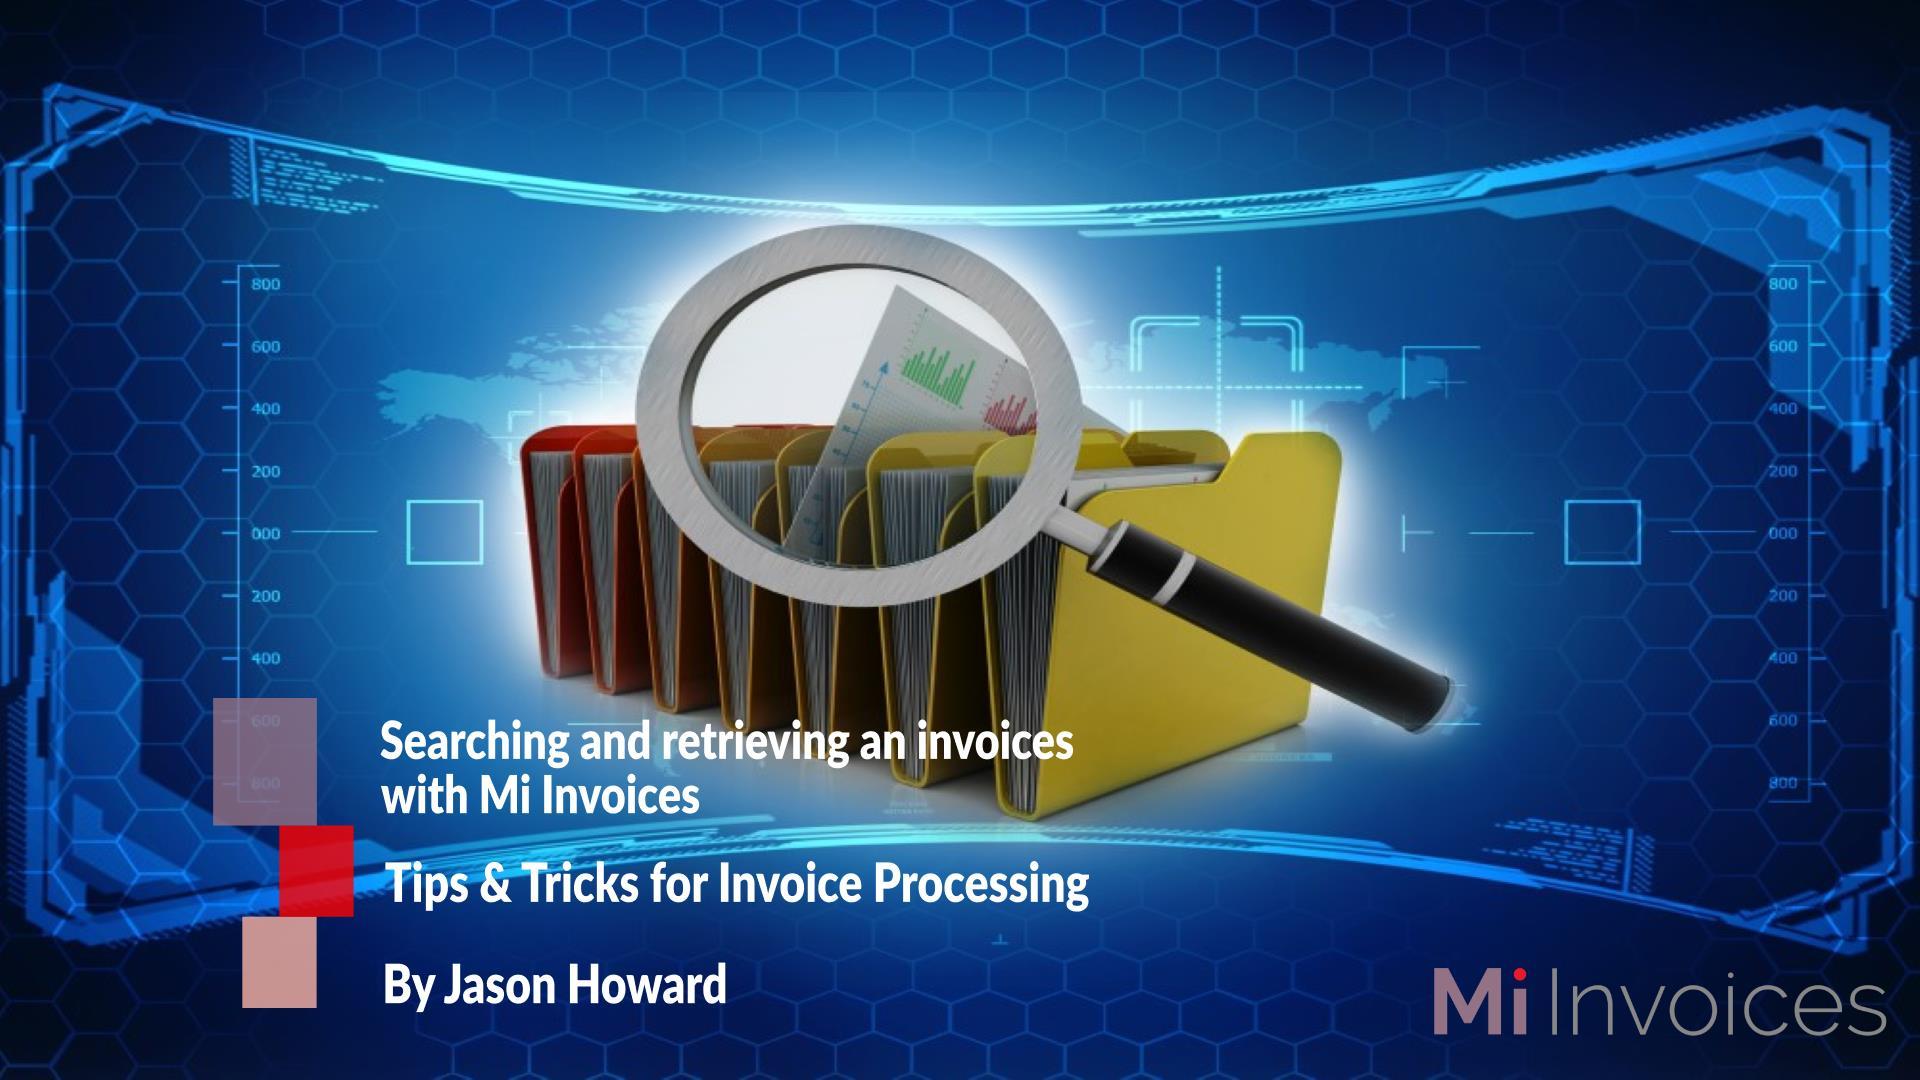 Mi Invoices Search & Retrieve